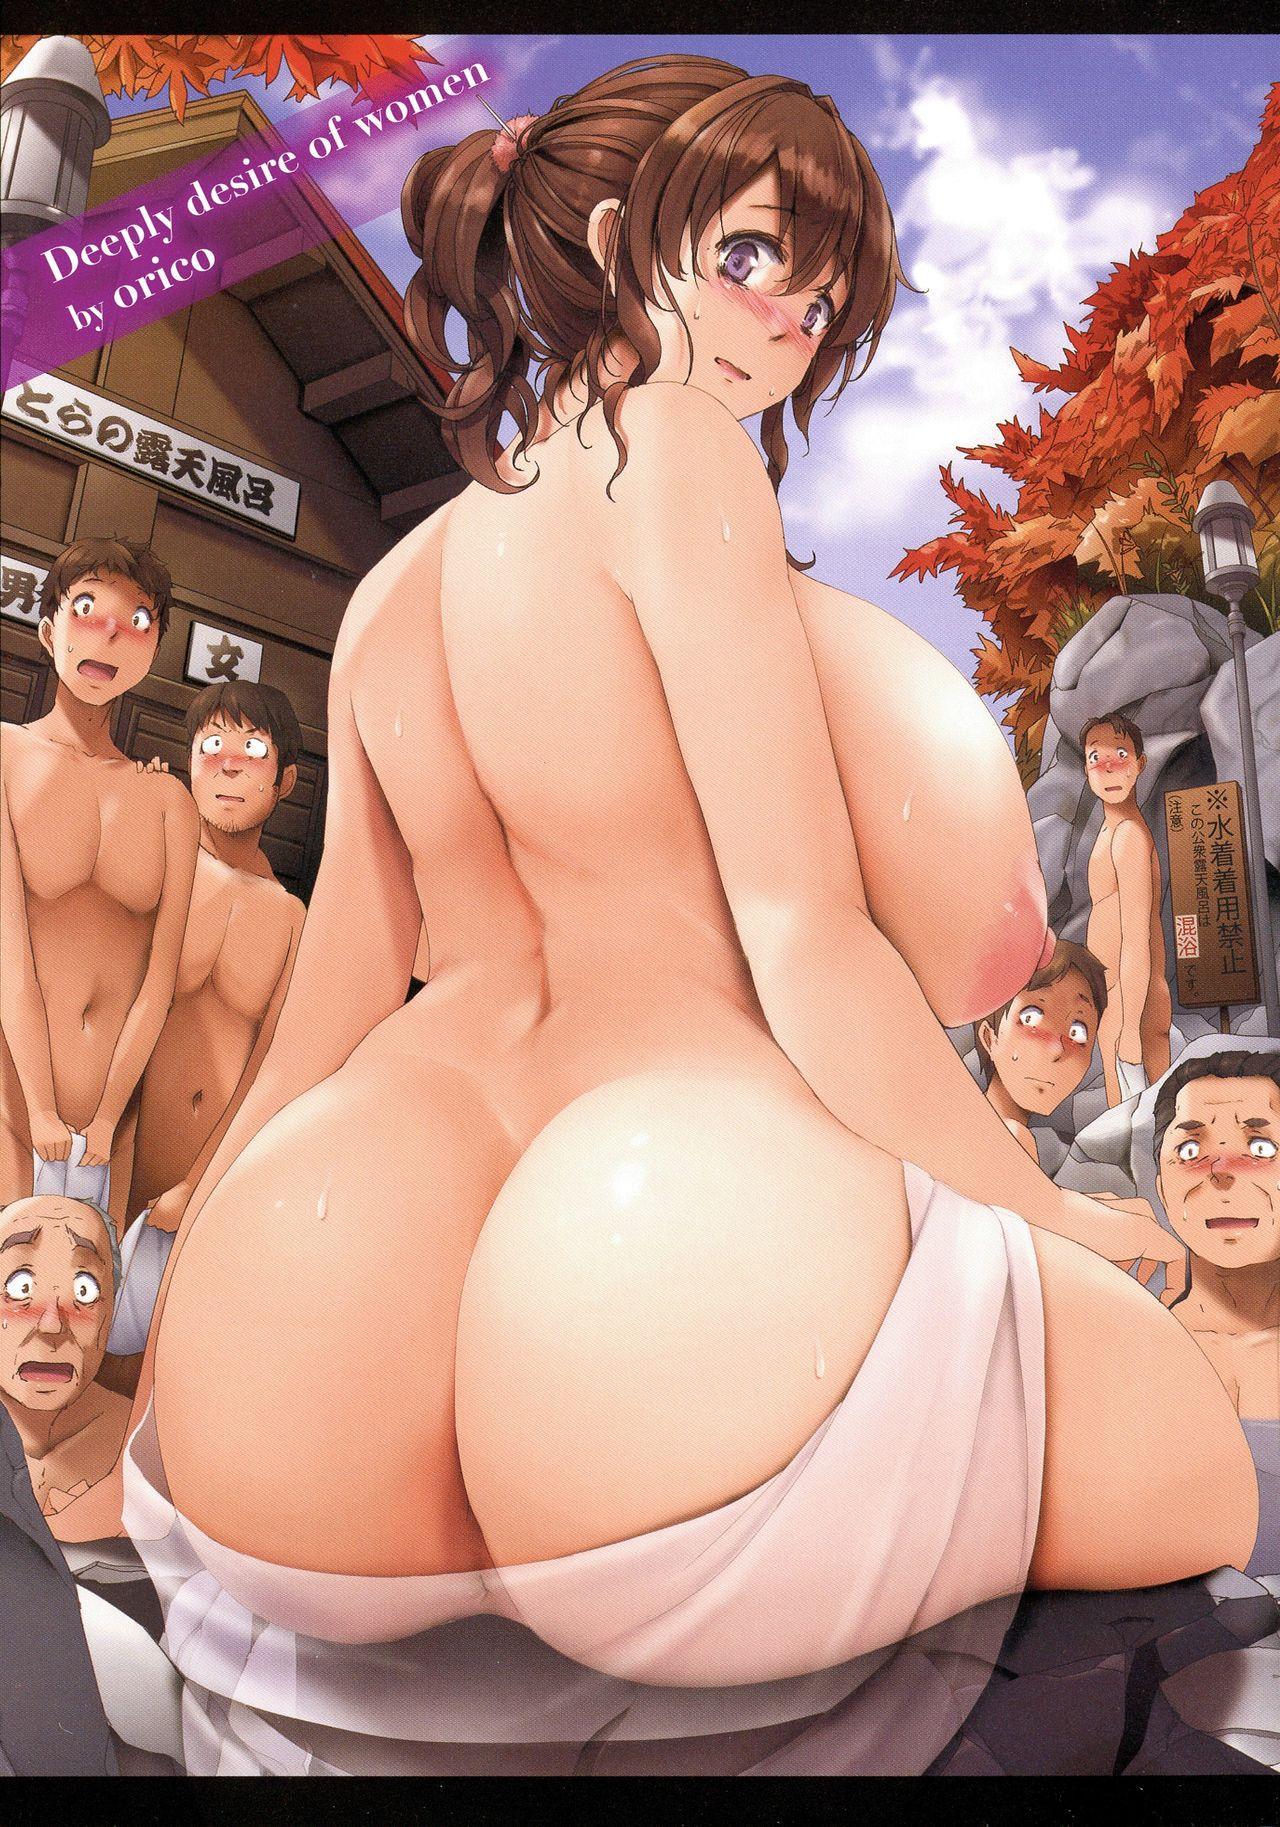 Musaboru Onna - Deeply Desire of Nasty Women 23